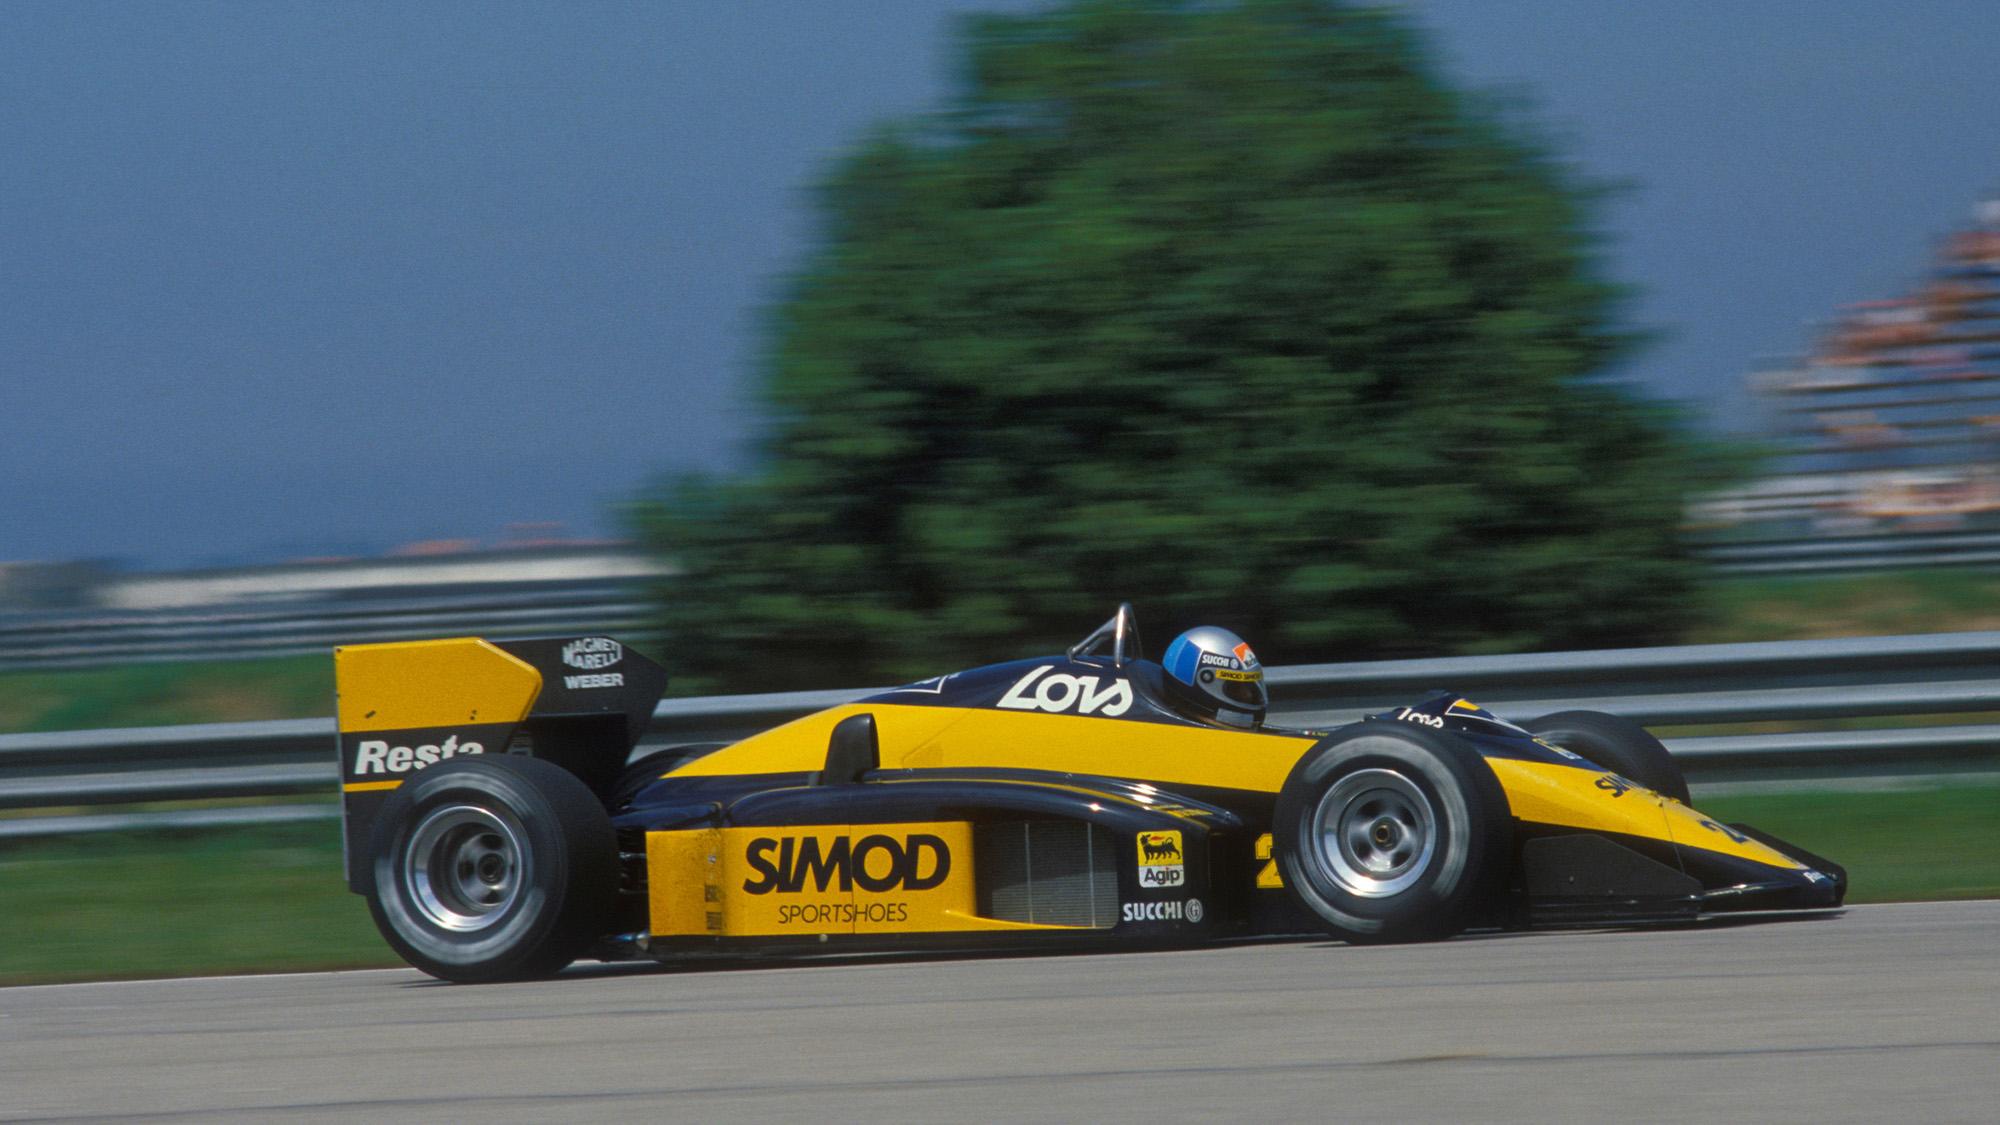 Alessandro Nannini in mInardi Modena at the 1987 Brazilian Grand Prix